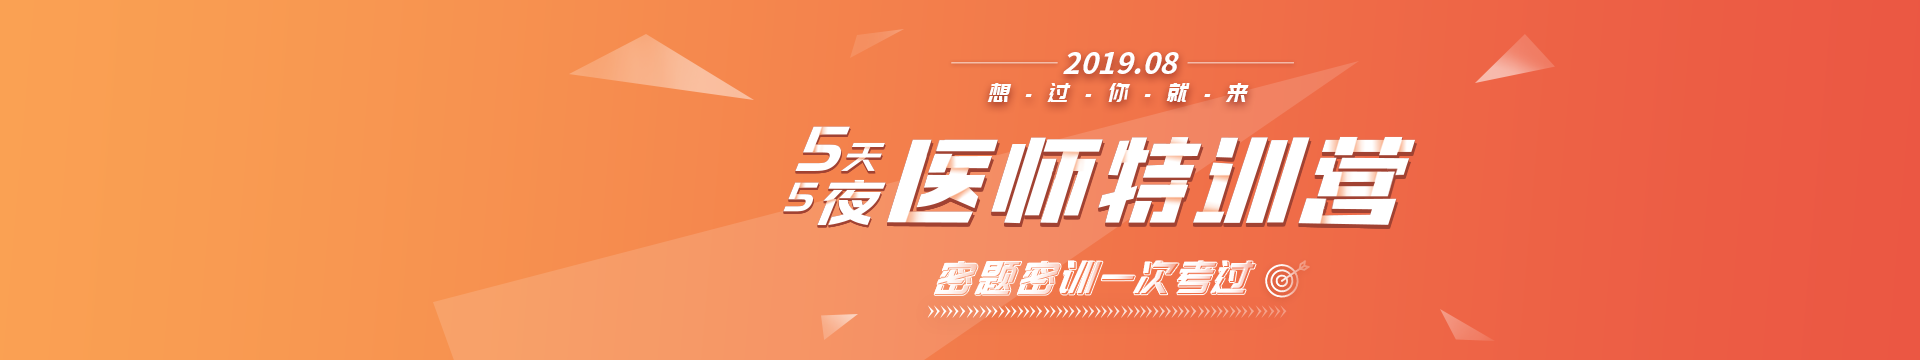 2019特训营-面授